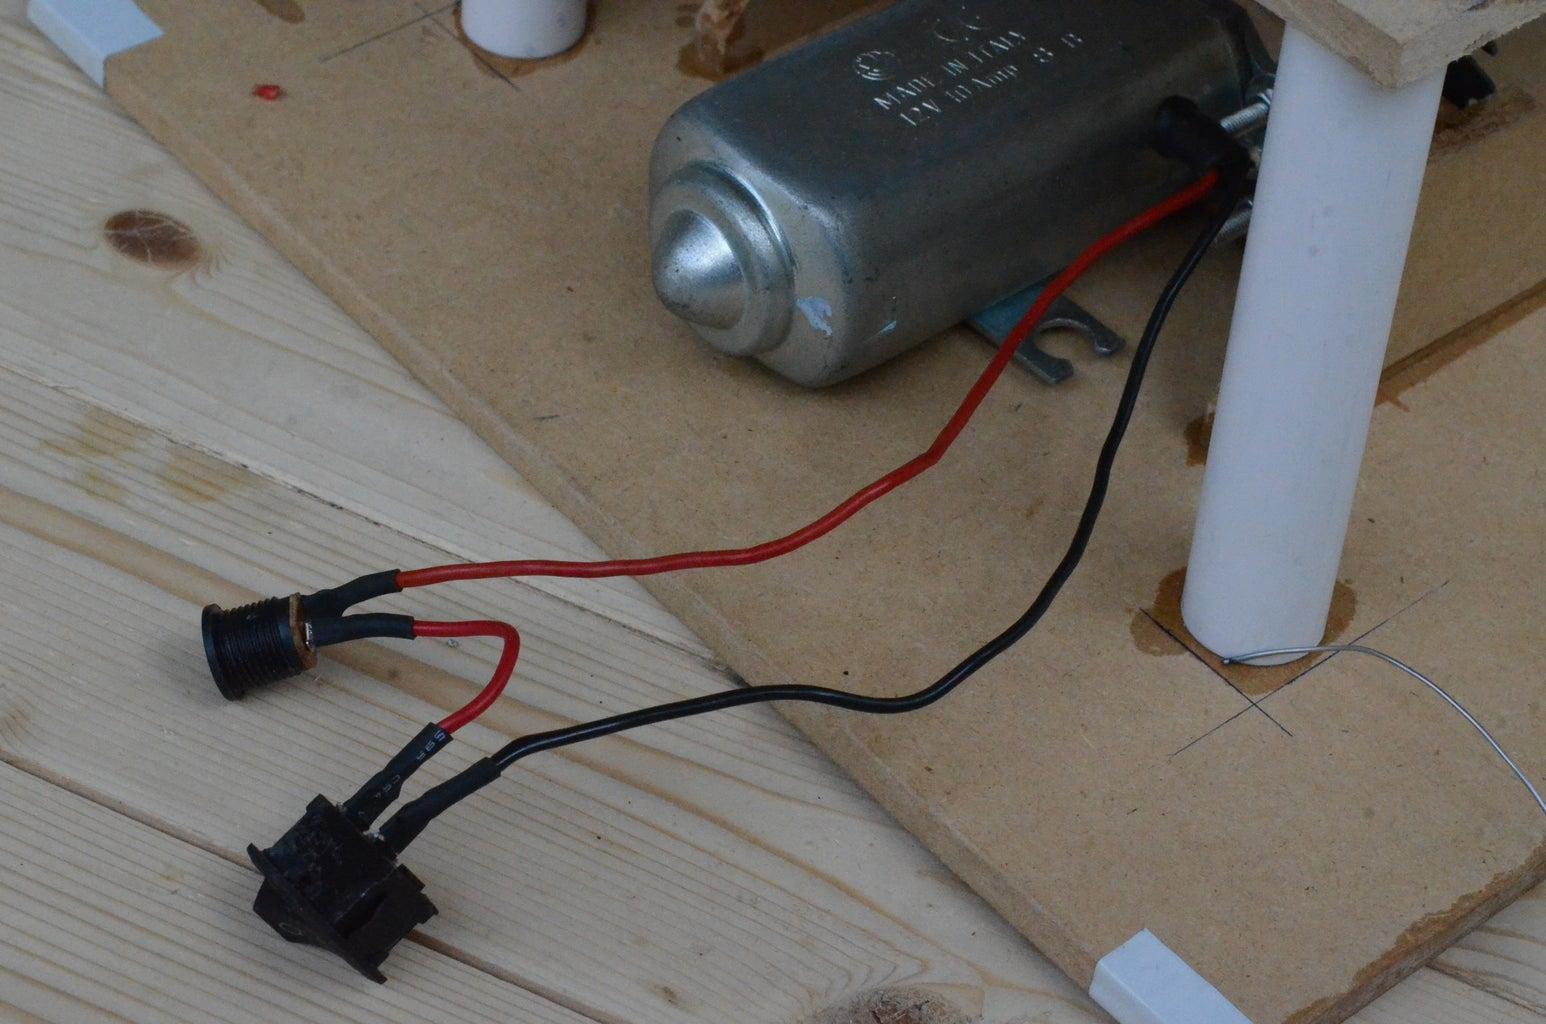 Wiring Everything